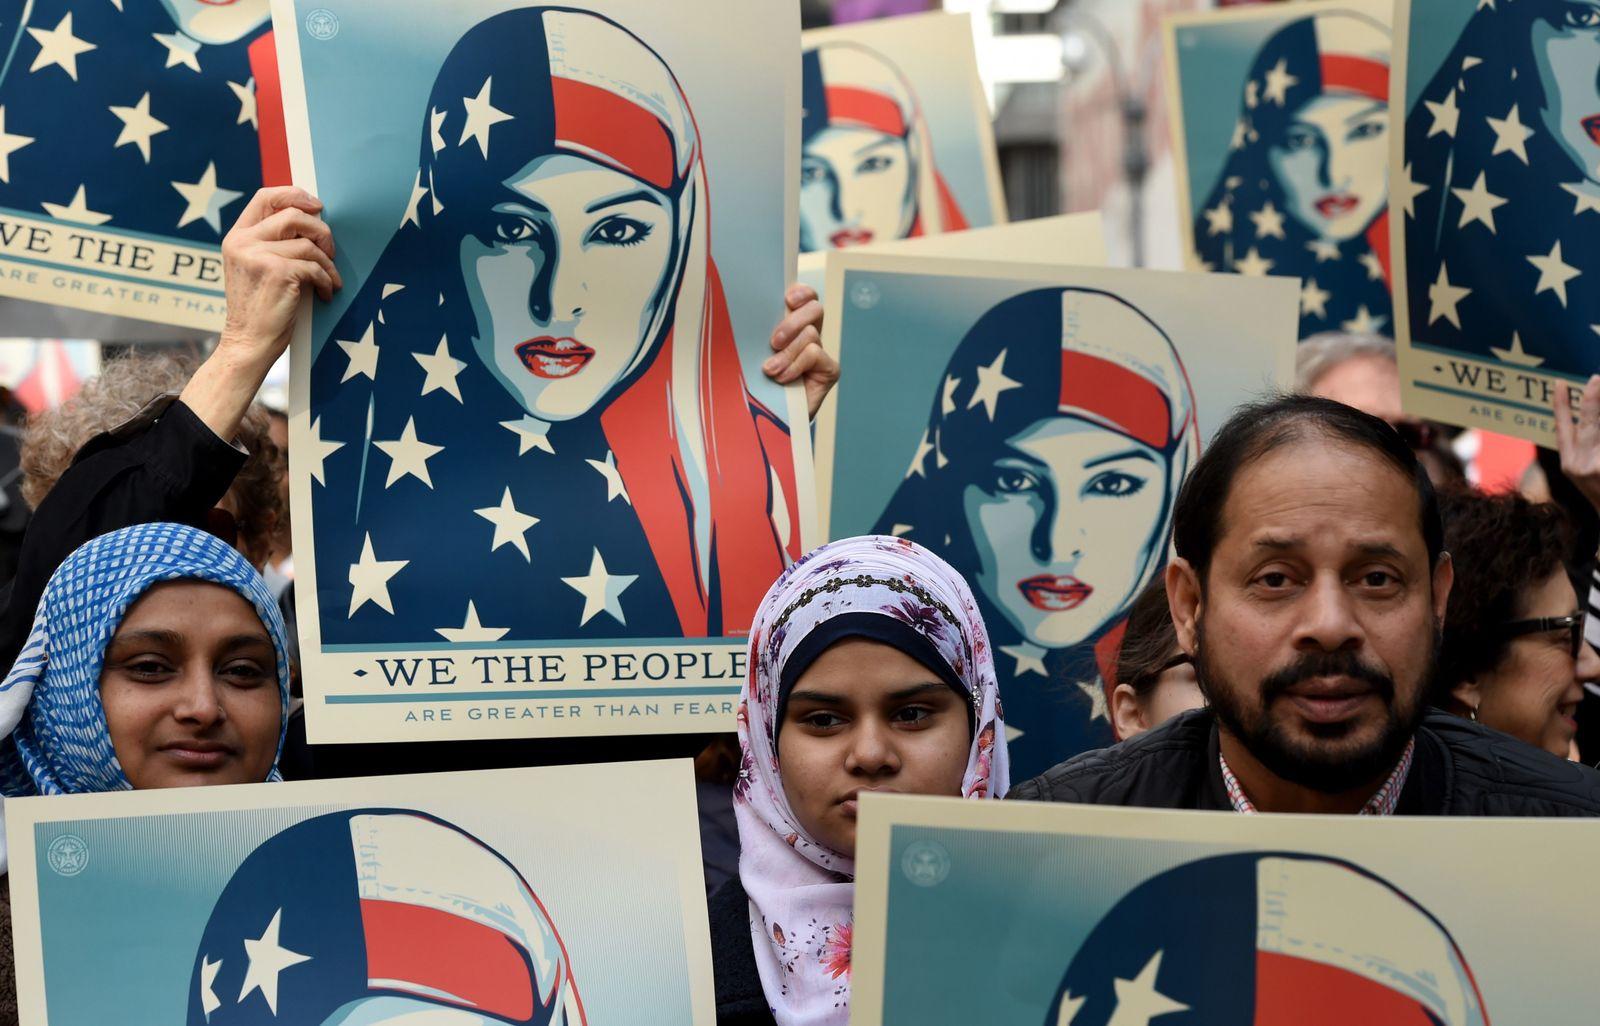 USA / Proteste / New York / Einreiseverbot